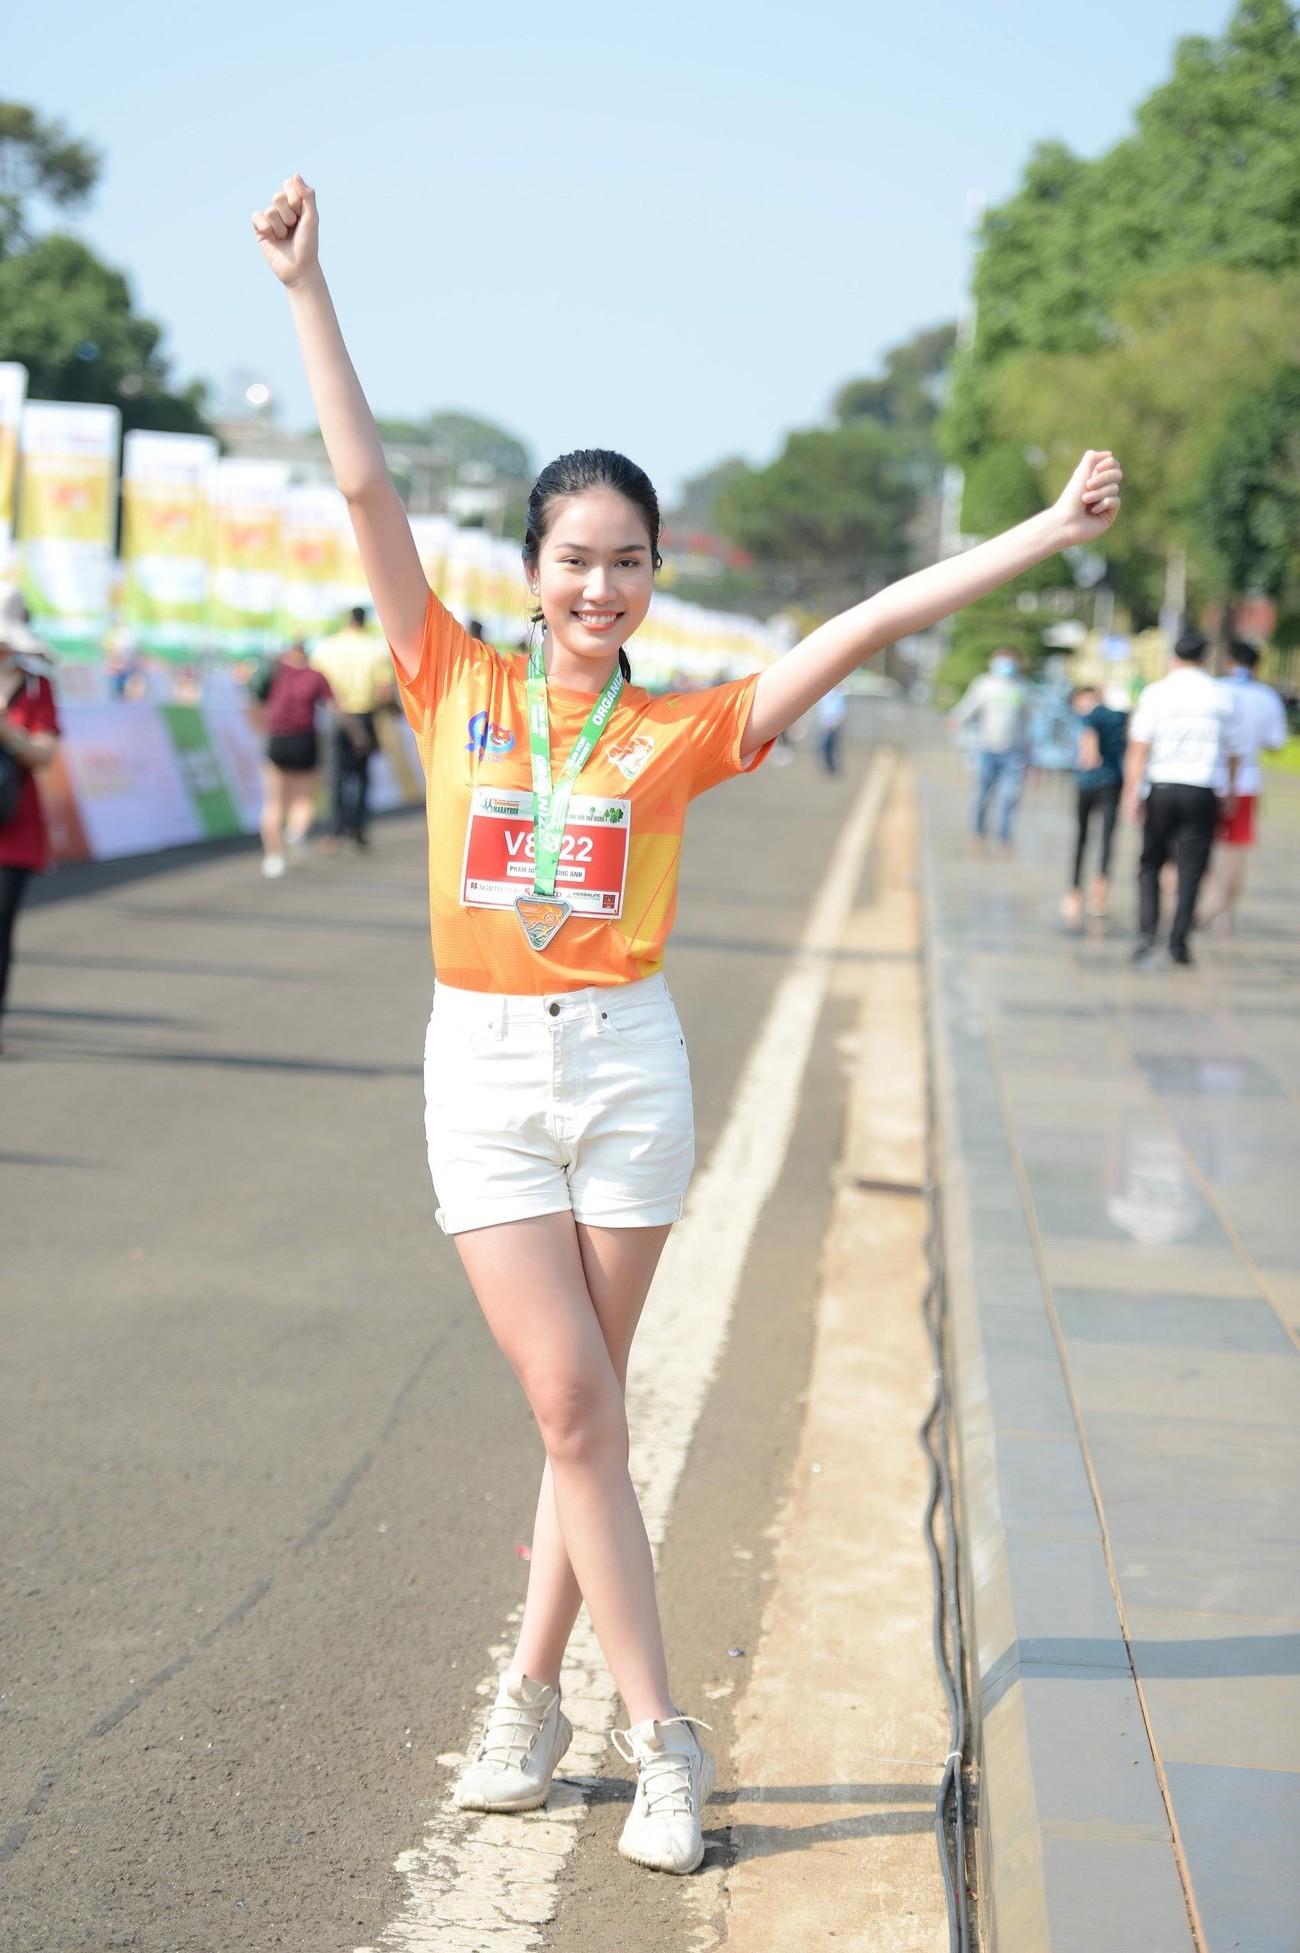 Hoa hậu Trần Tiểu Vy đẹp gây mê trên đường chạy Tiền phong Marathon ảnh 17